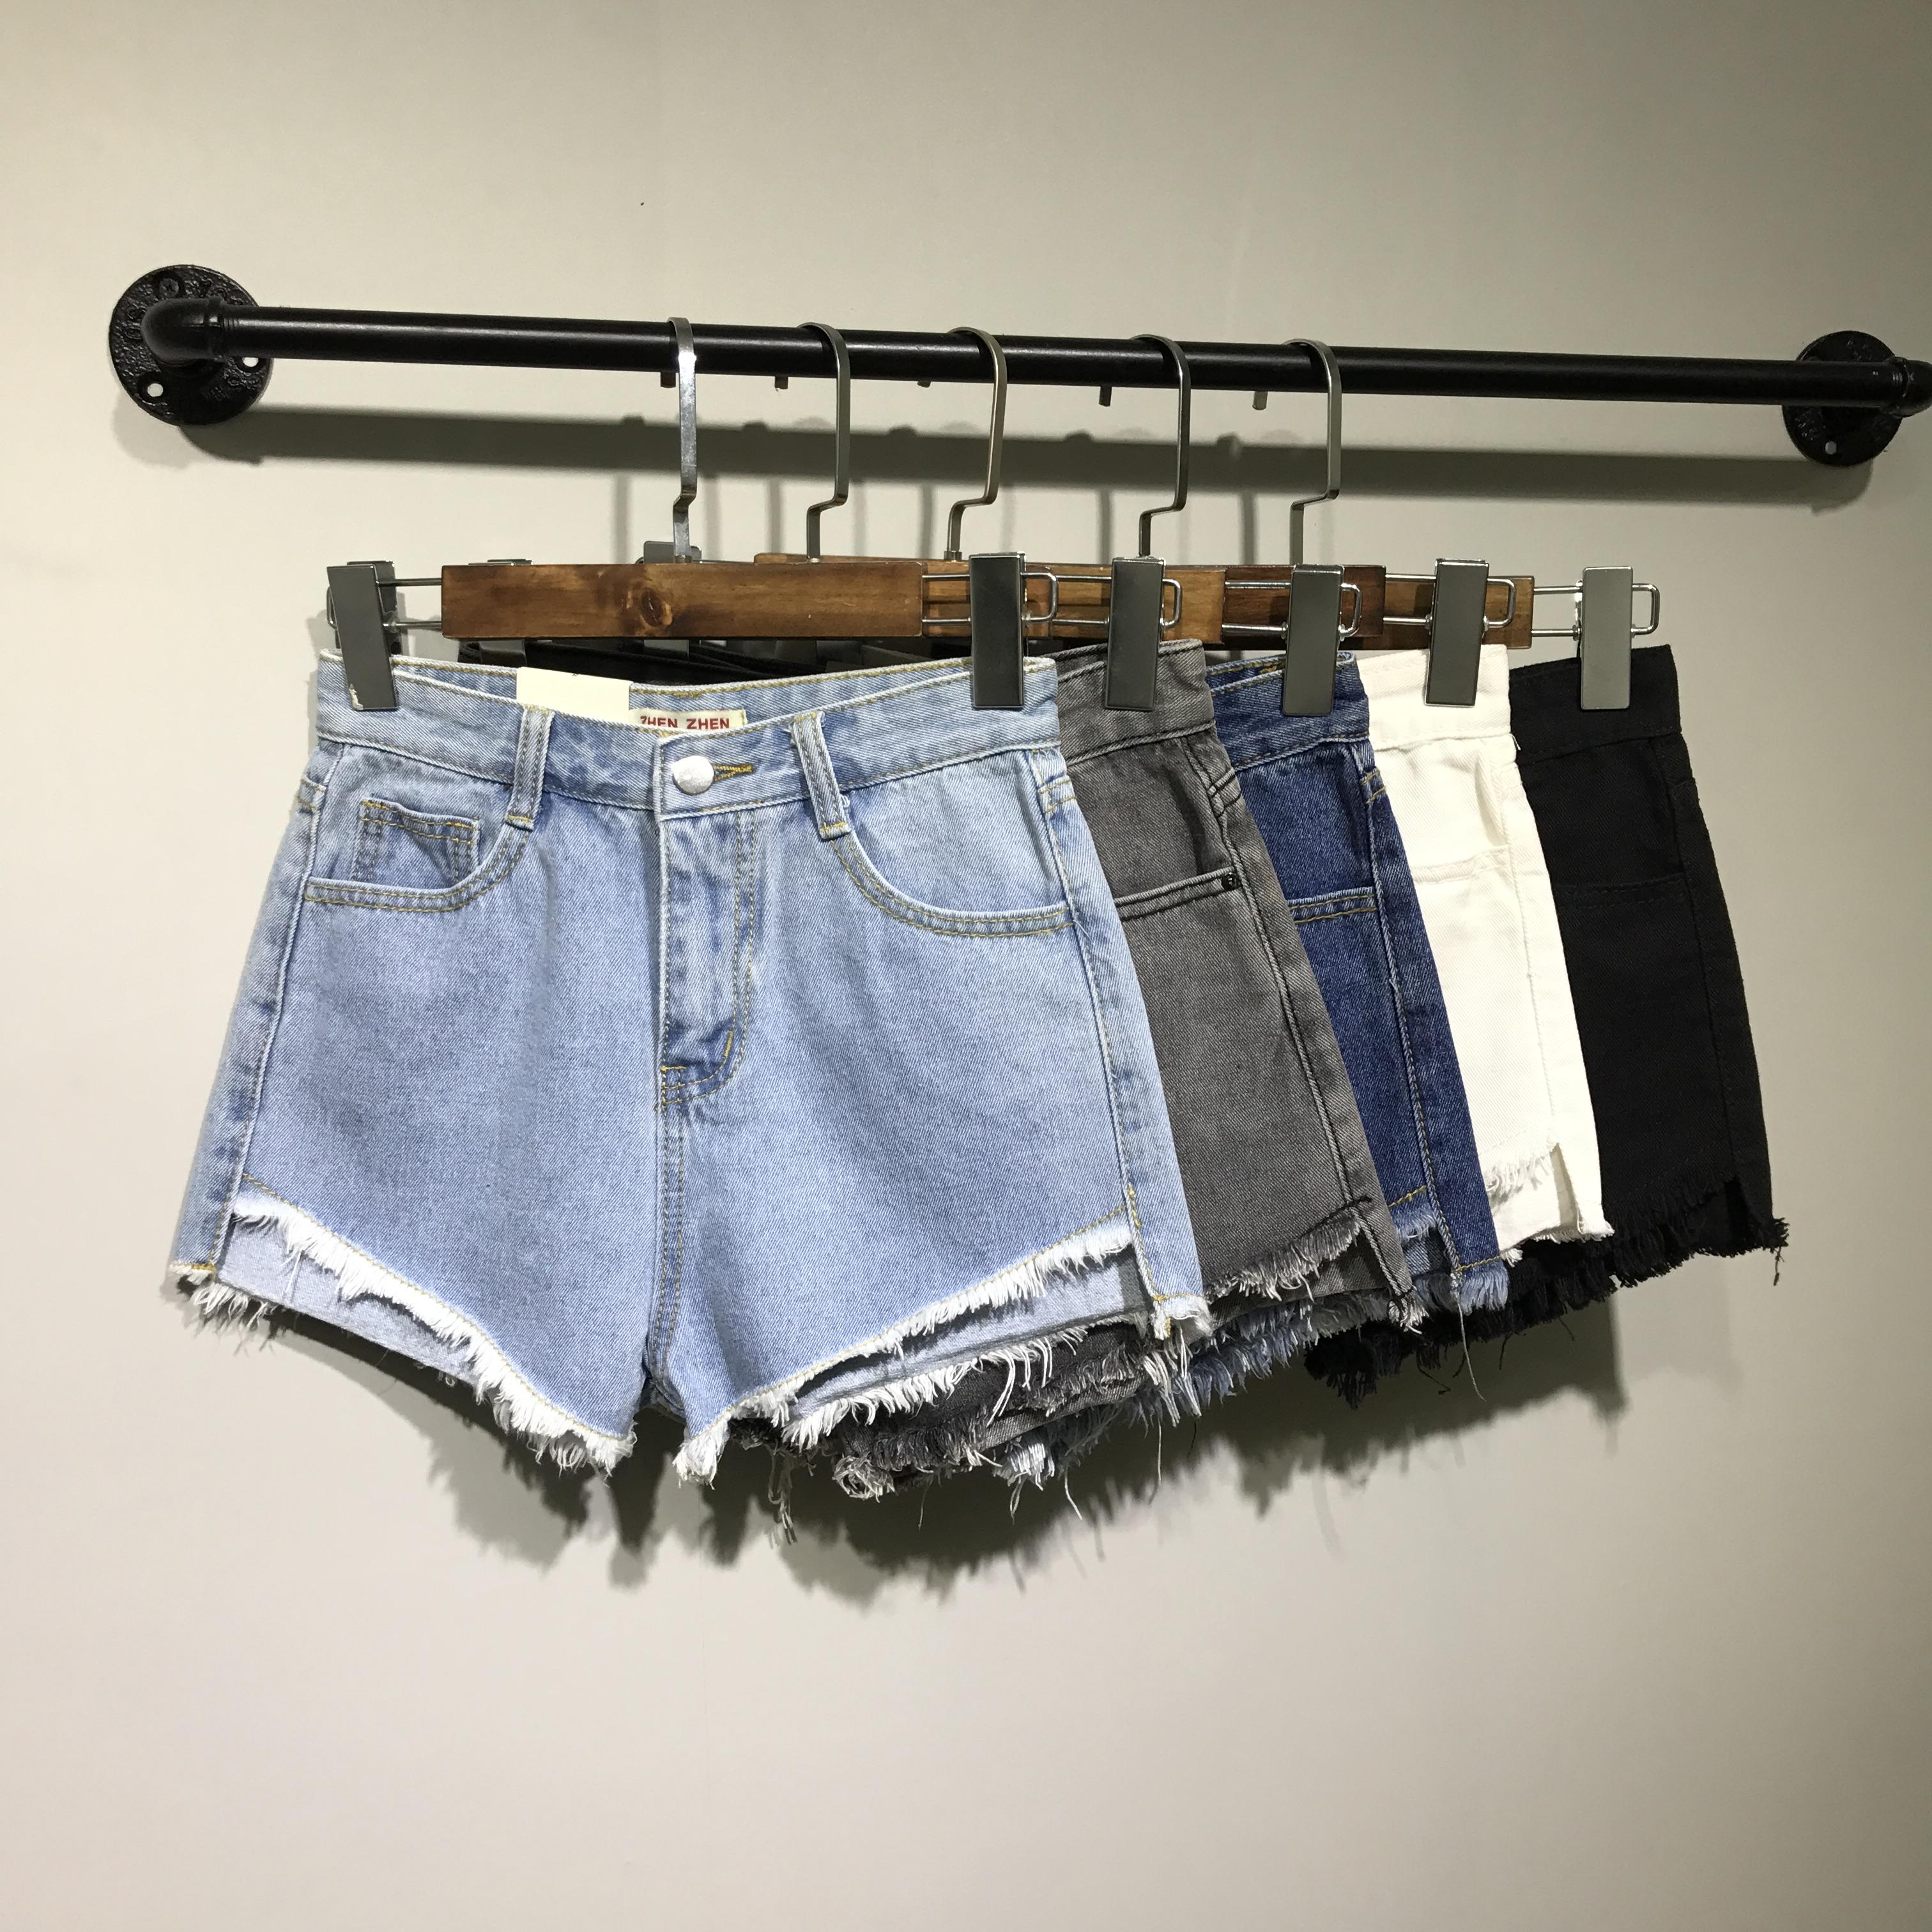 斤韩版毛边mm黑白灰色宽松牛仔高腰热裤肥大短裤